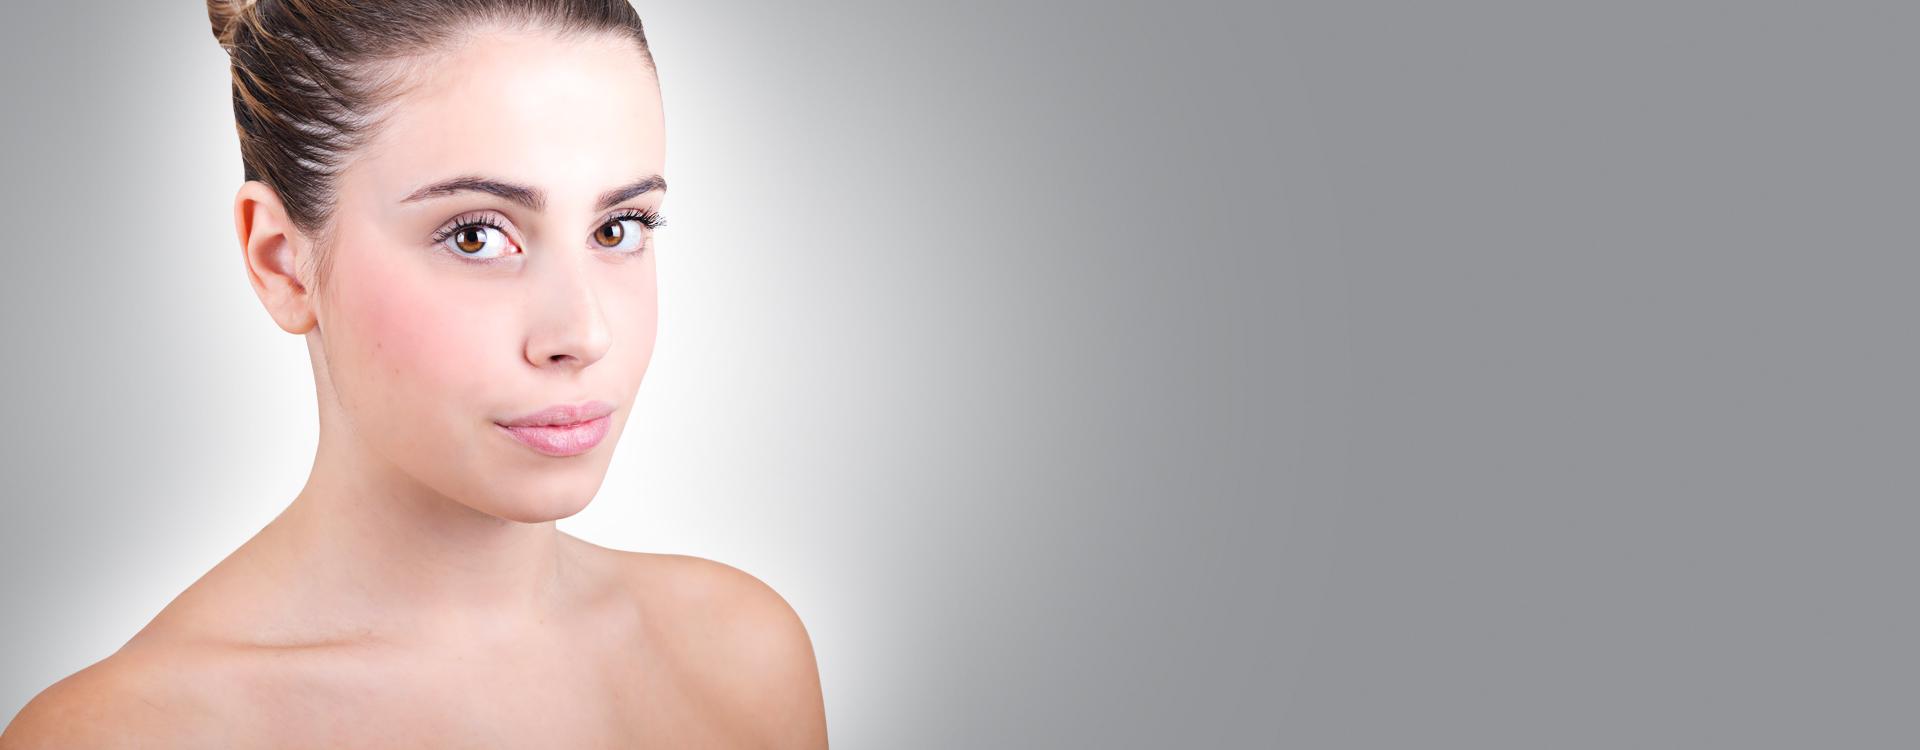 Header Clinica Medes: dermatologia e chirurgia estetica del dott. Salvatore Vienna